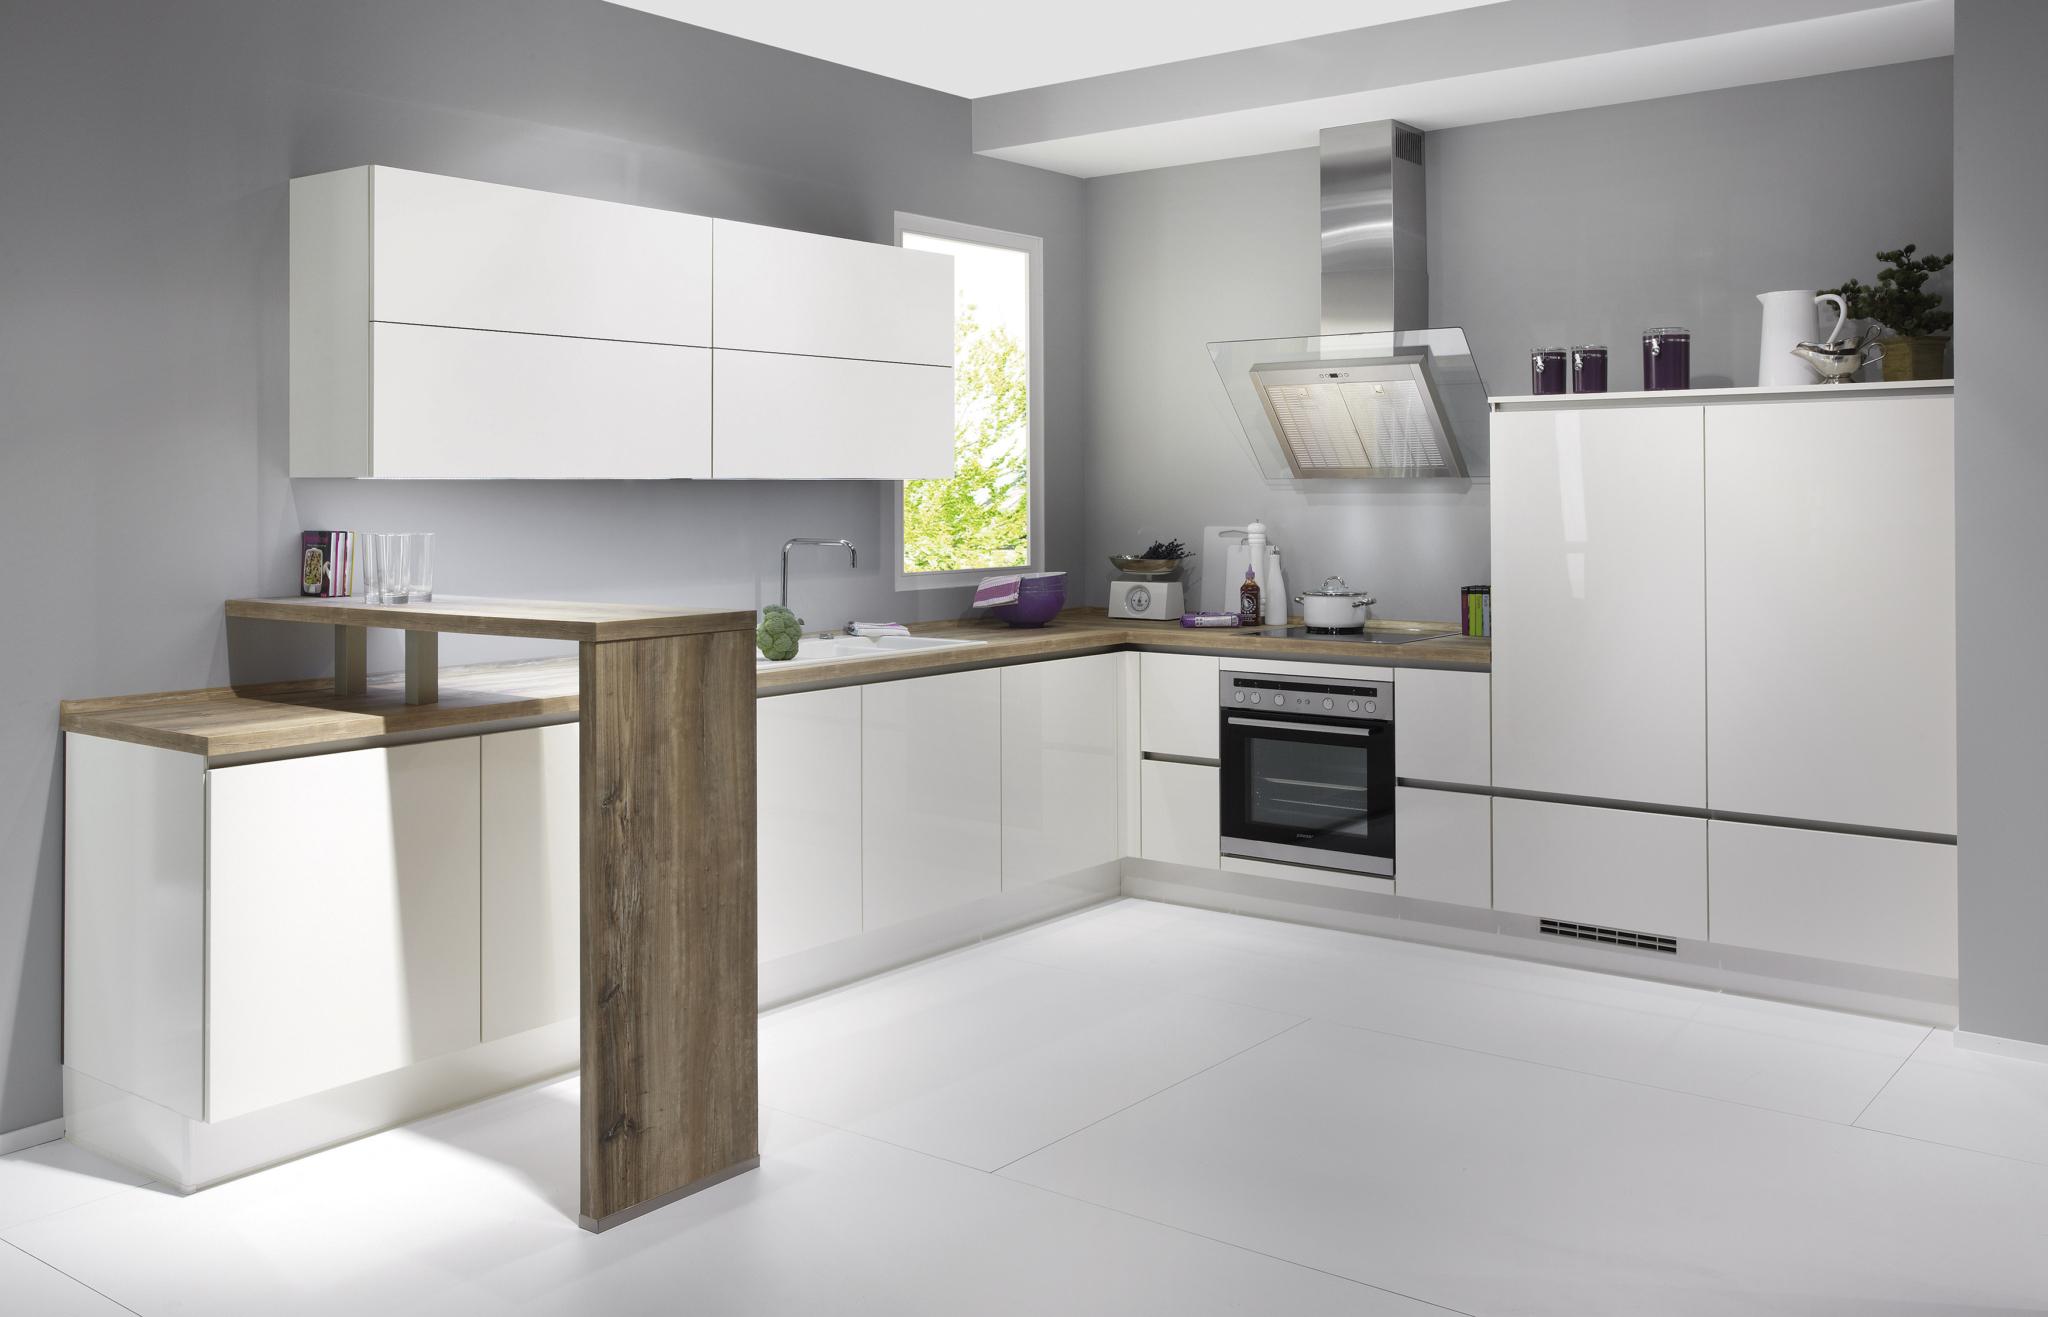 Cocinas modernas muebles hermanos p rez for Cocinas con muebles